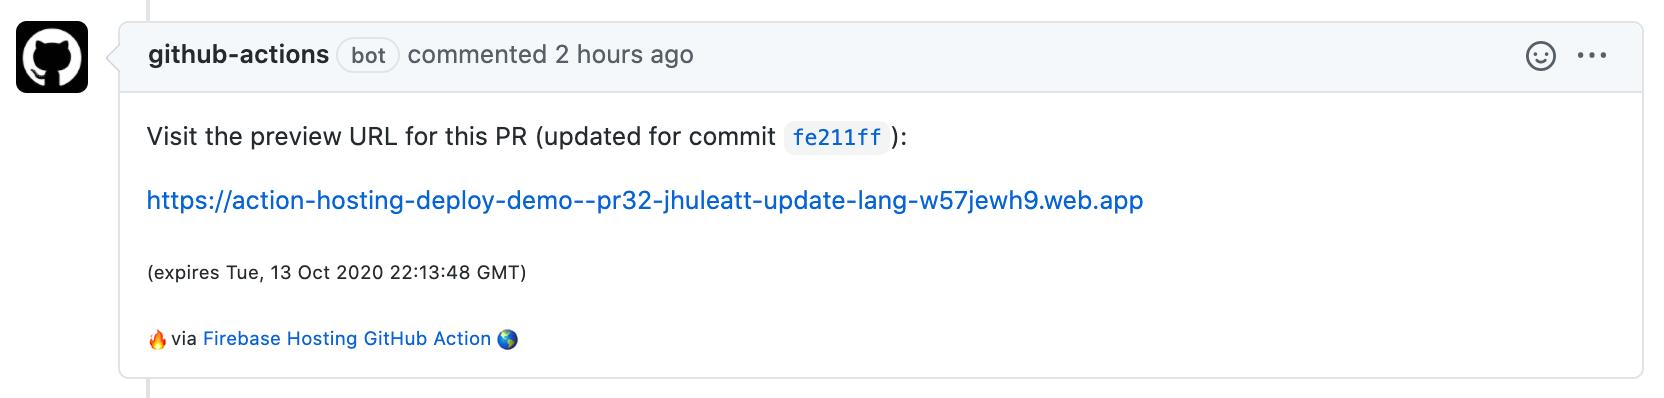 미리보기 URL이 포함된 GitHub Action PR 댓글 이미지